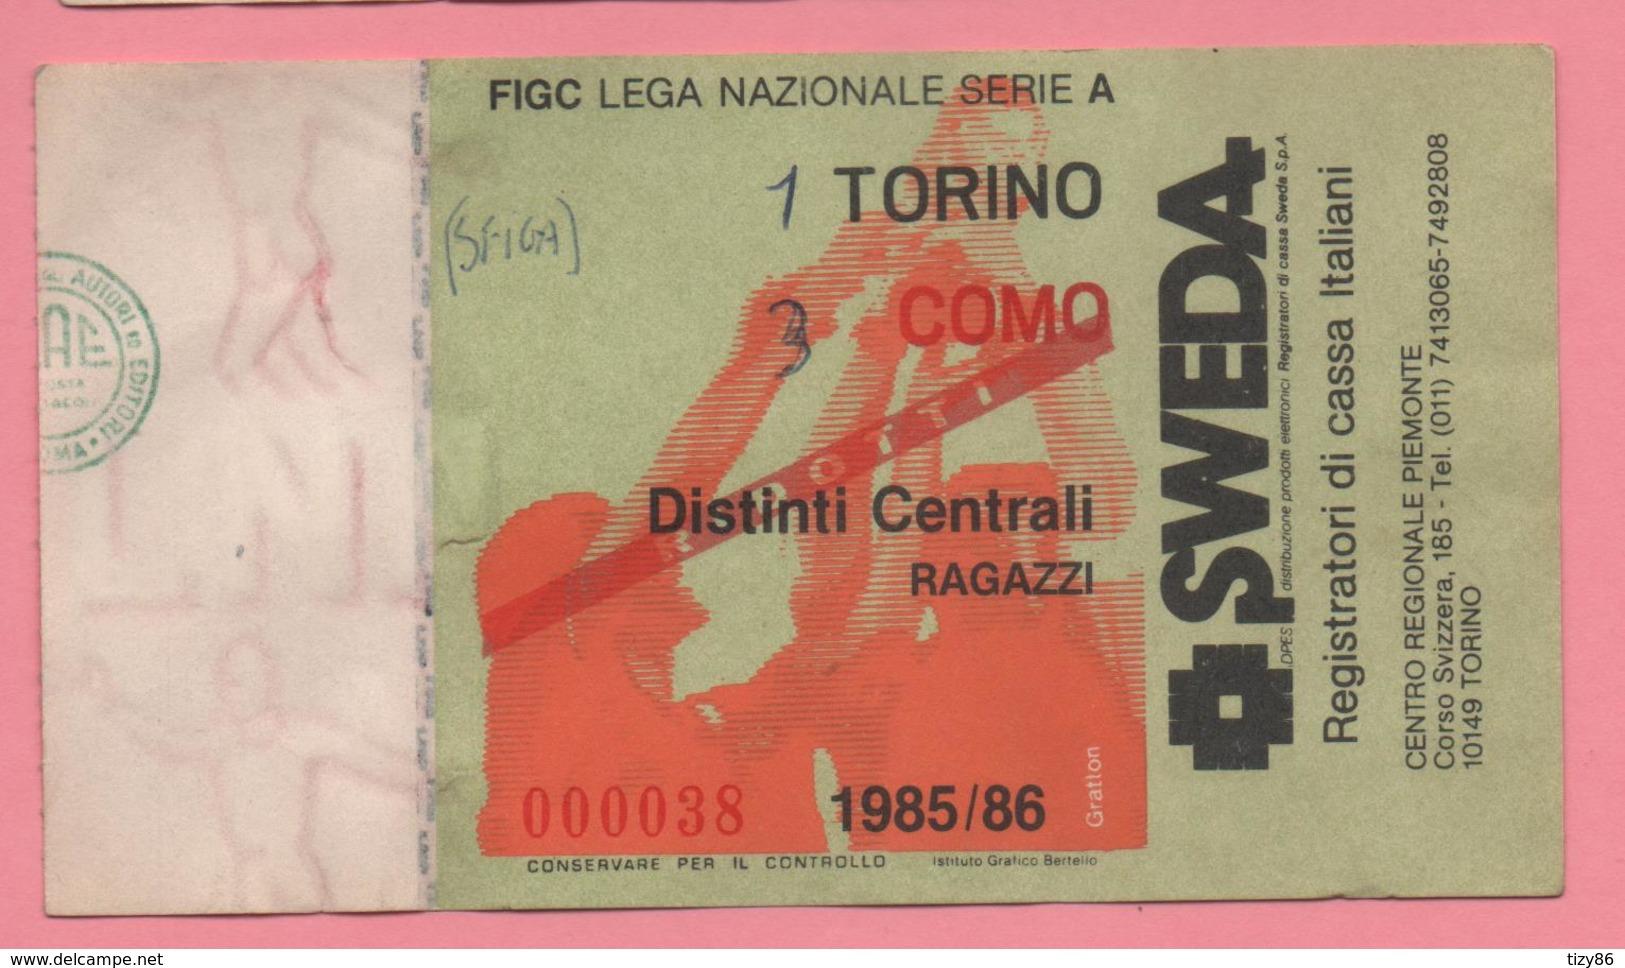 Biglietto D'ingresso Stadio Torino Como 1985/86 - Tickets - Vouchers